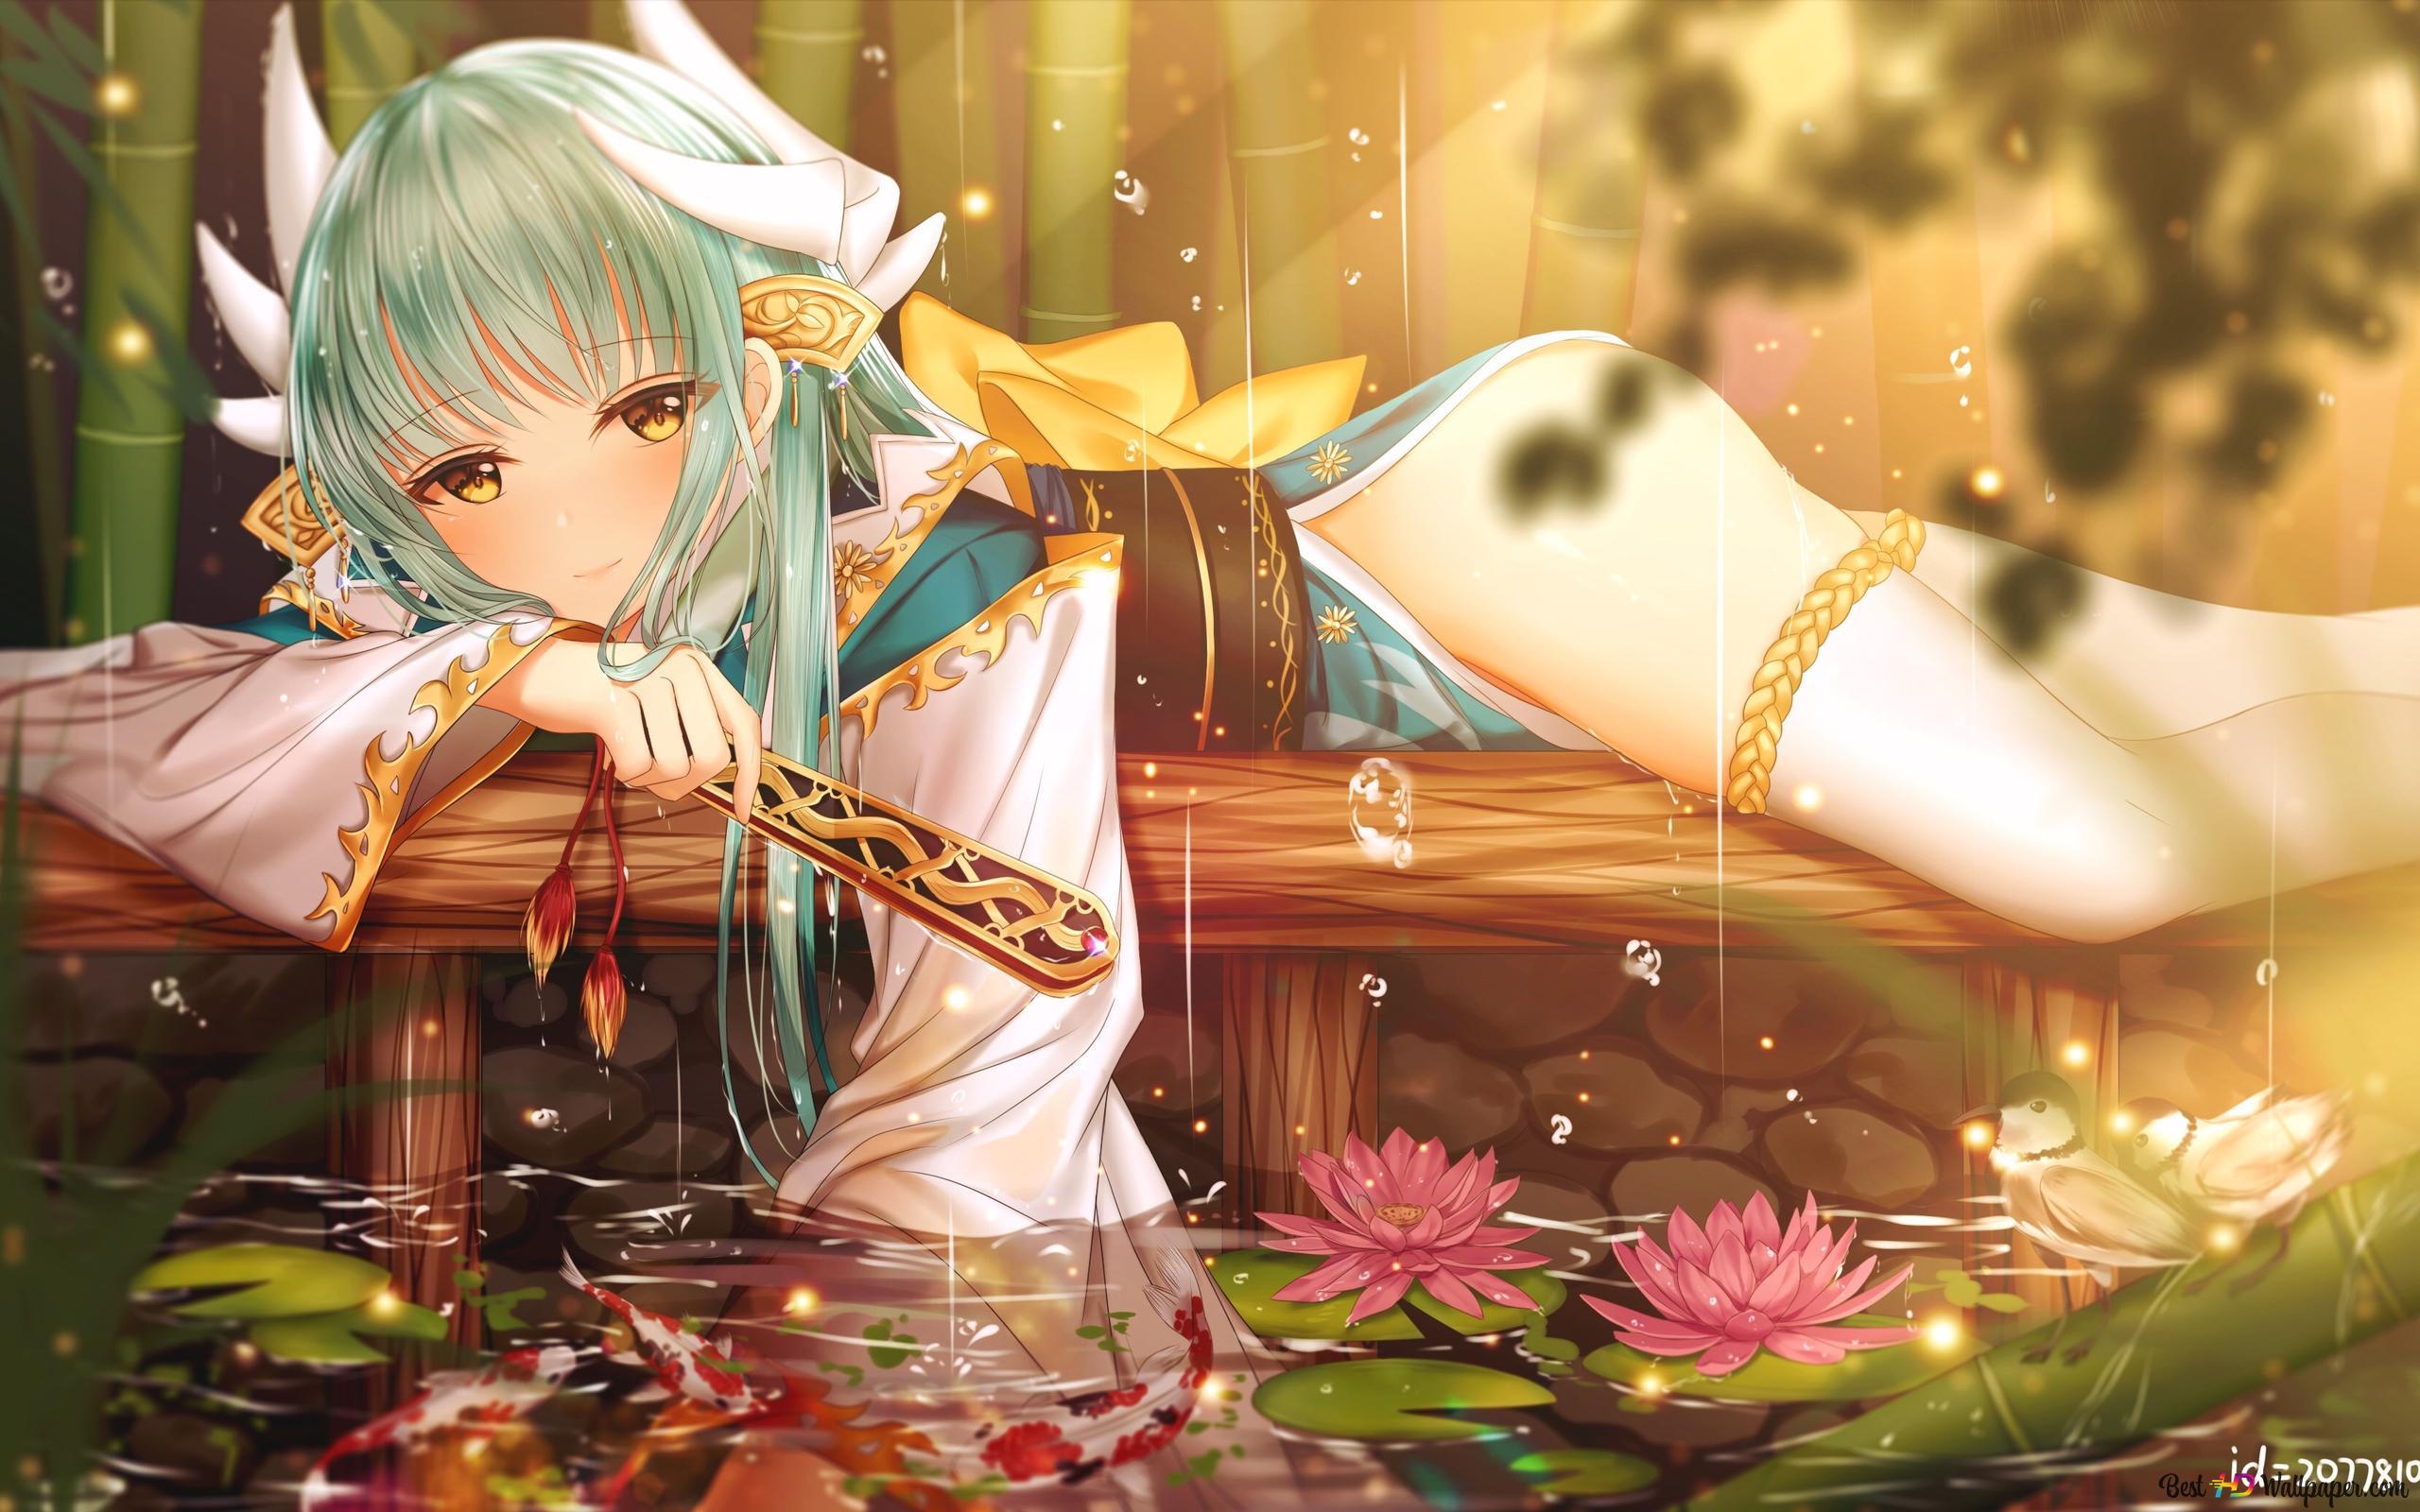 Fate Grand Order Kiyohime Berserker Hd Wallpaper Download